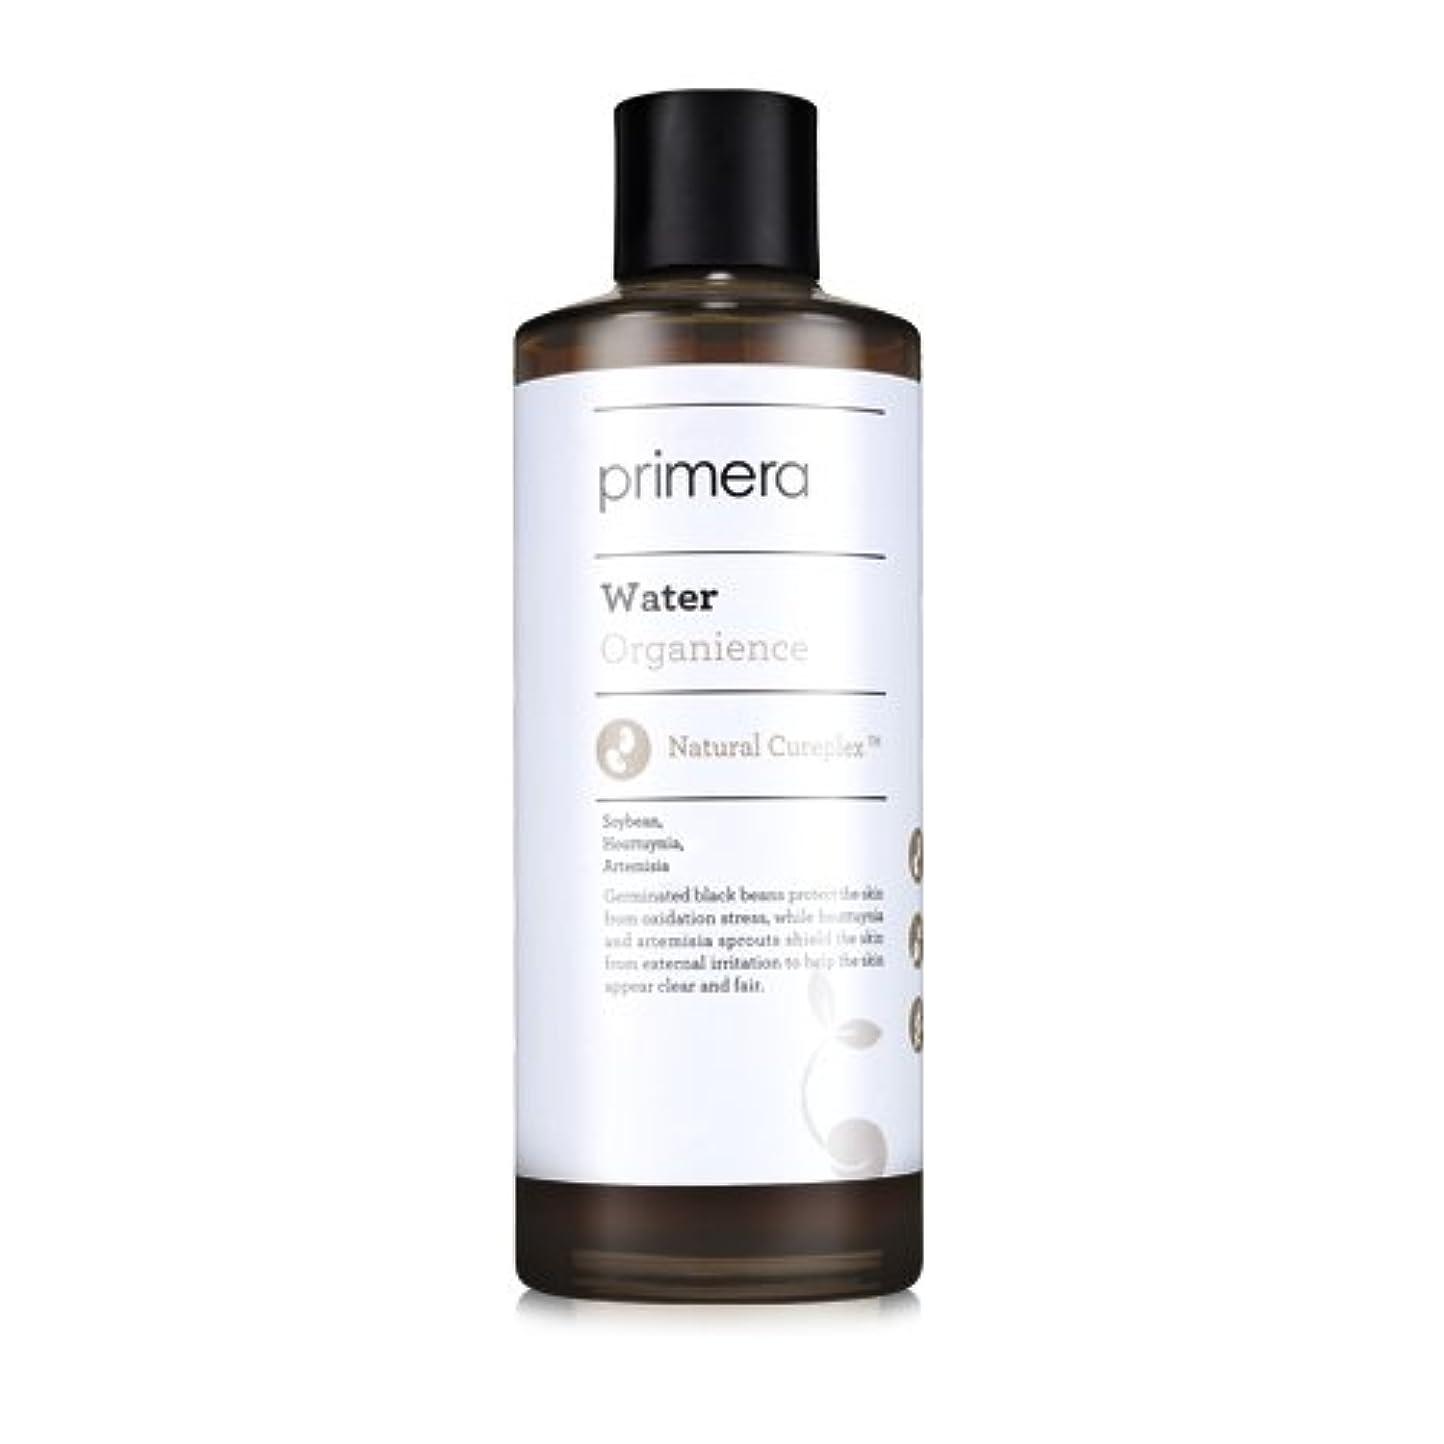 ニュースどんなときも葉を拾うPRIMERA プリメラ オーガニエンス エマルジョン(Organience Emulsion)乳液 150ml